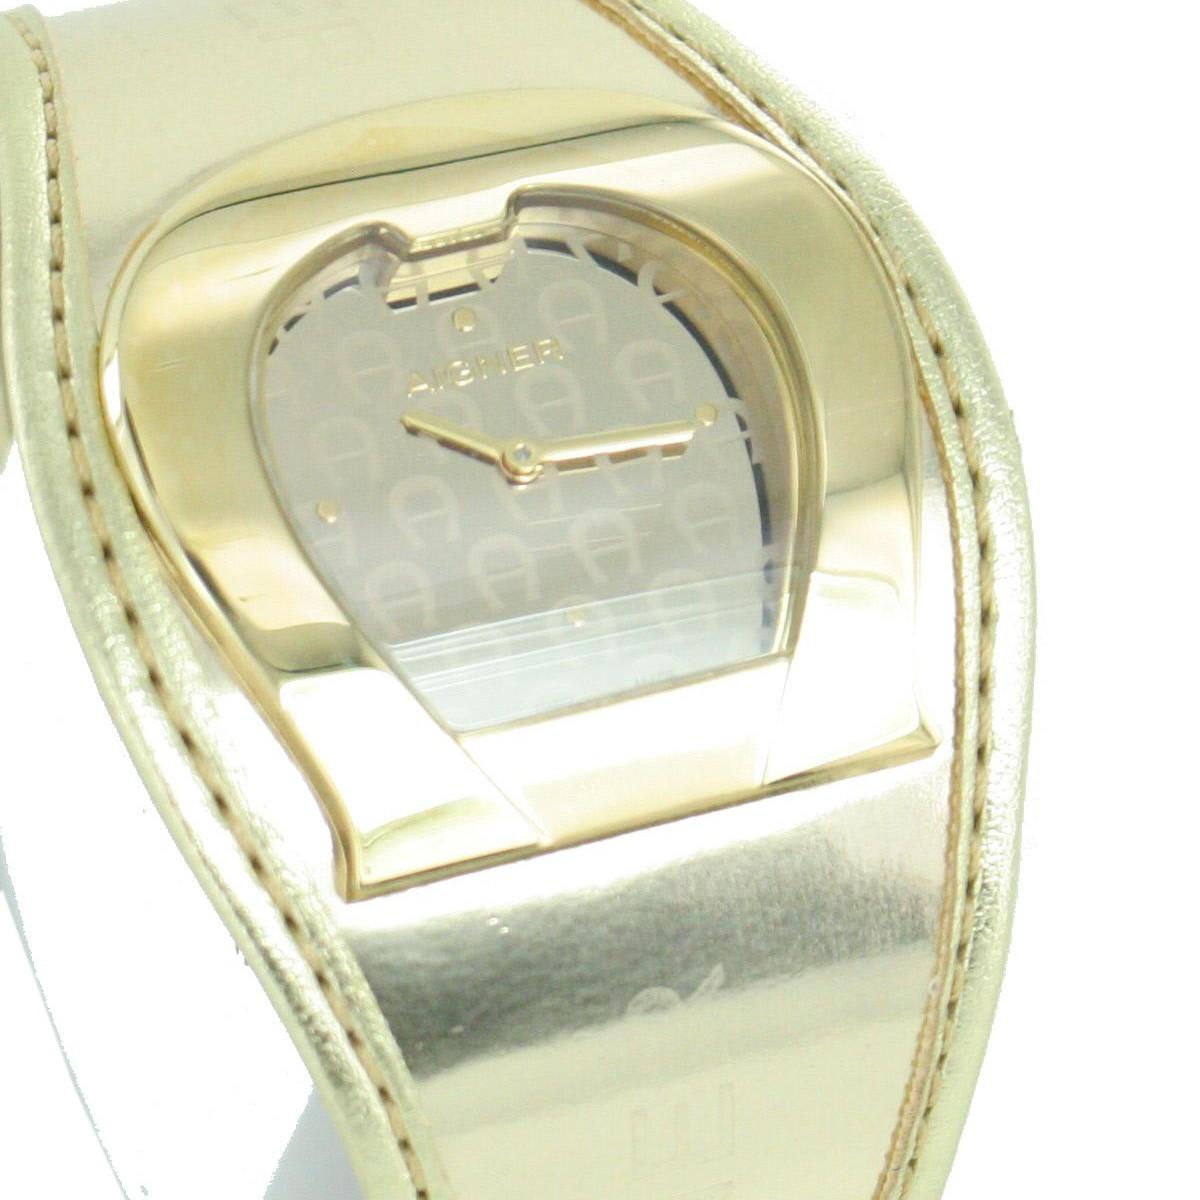 aigner damen uhr armbanduhr lederband goldfarben a41213. Black Bedroom Furniture Sets. Home Design Ideas